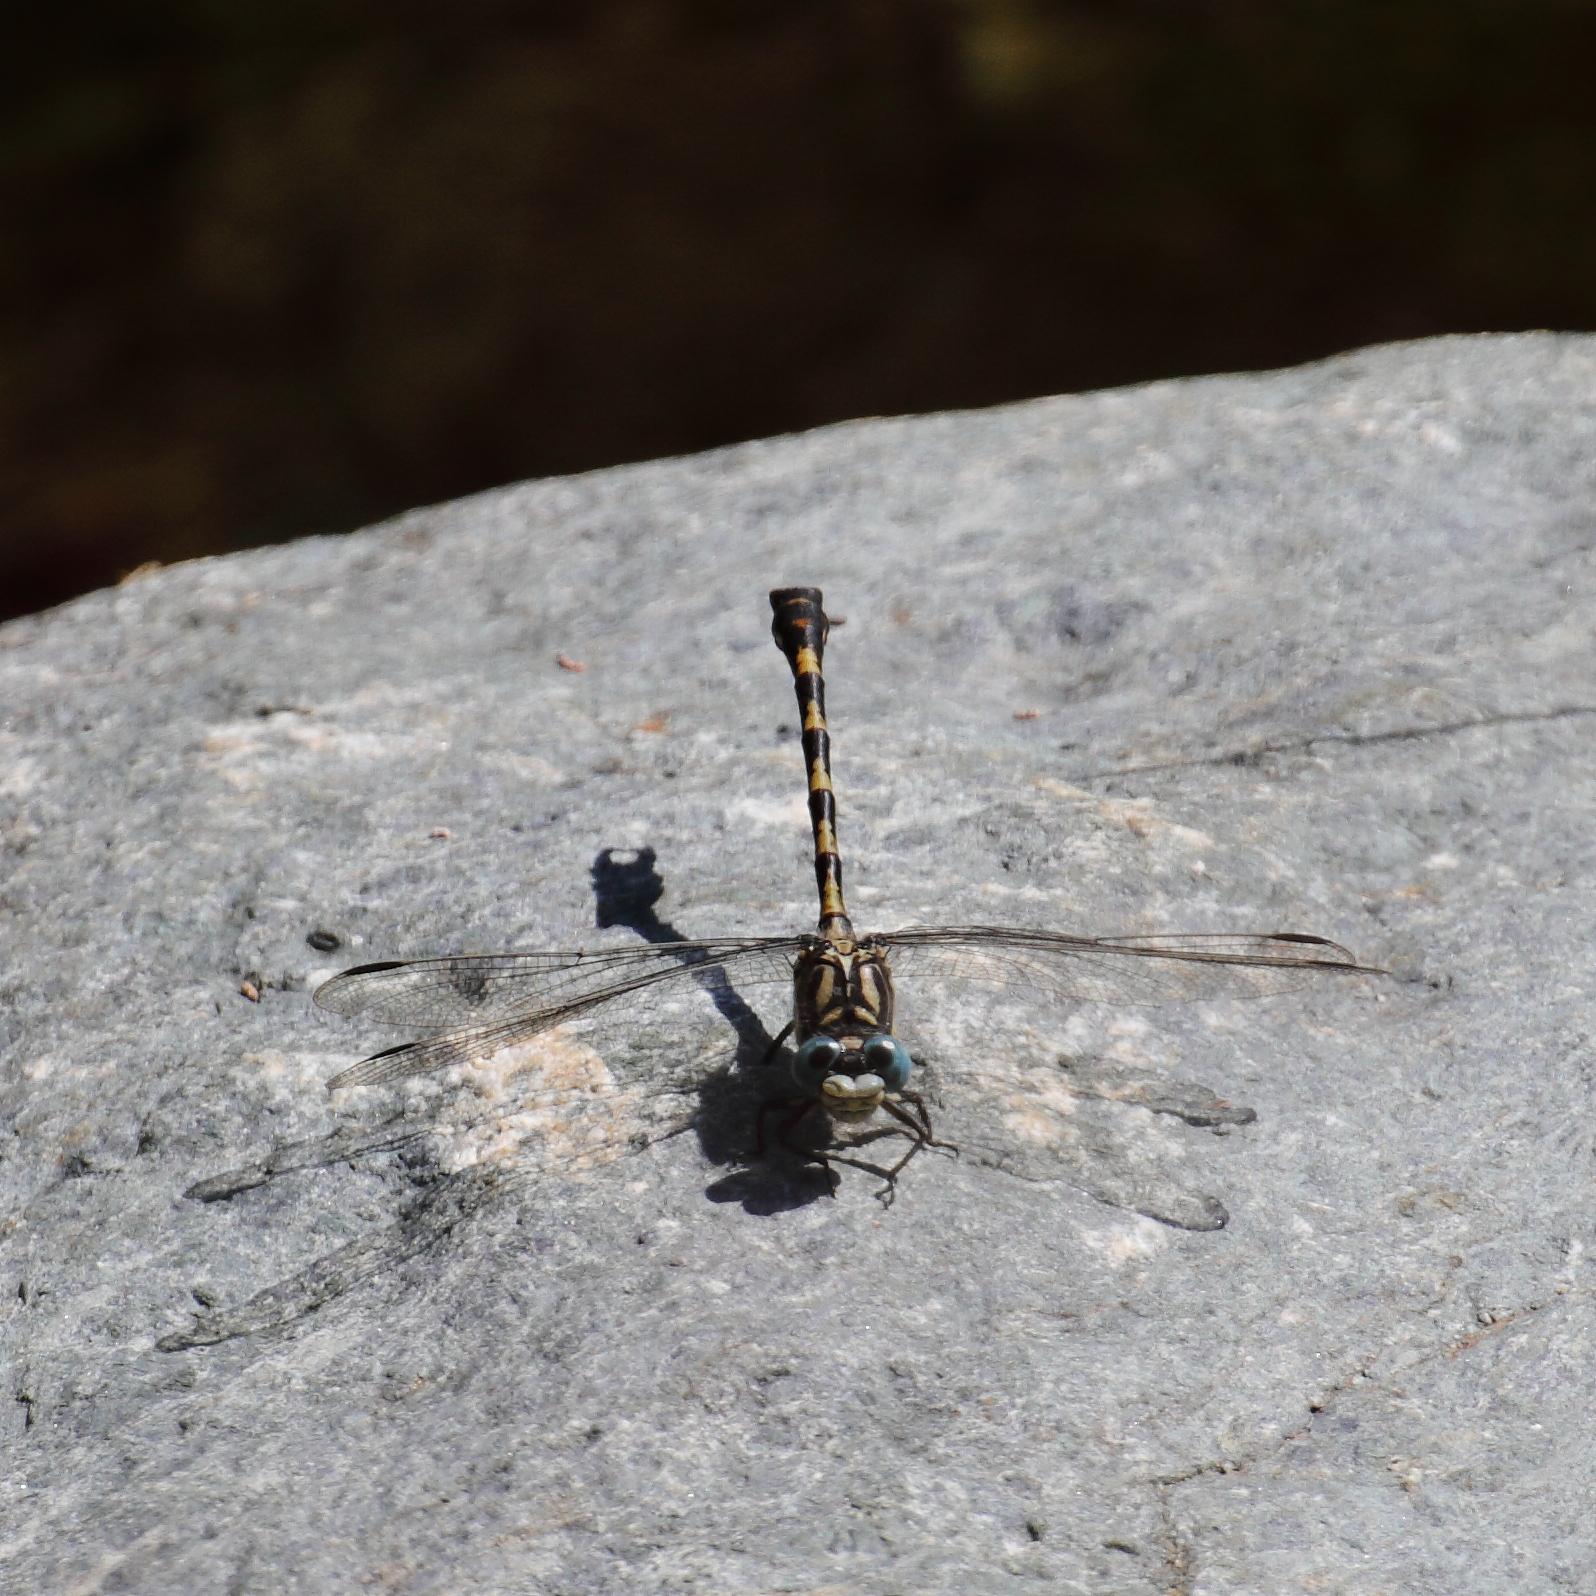 Dragonfly - Onychogomphus forcipatus...